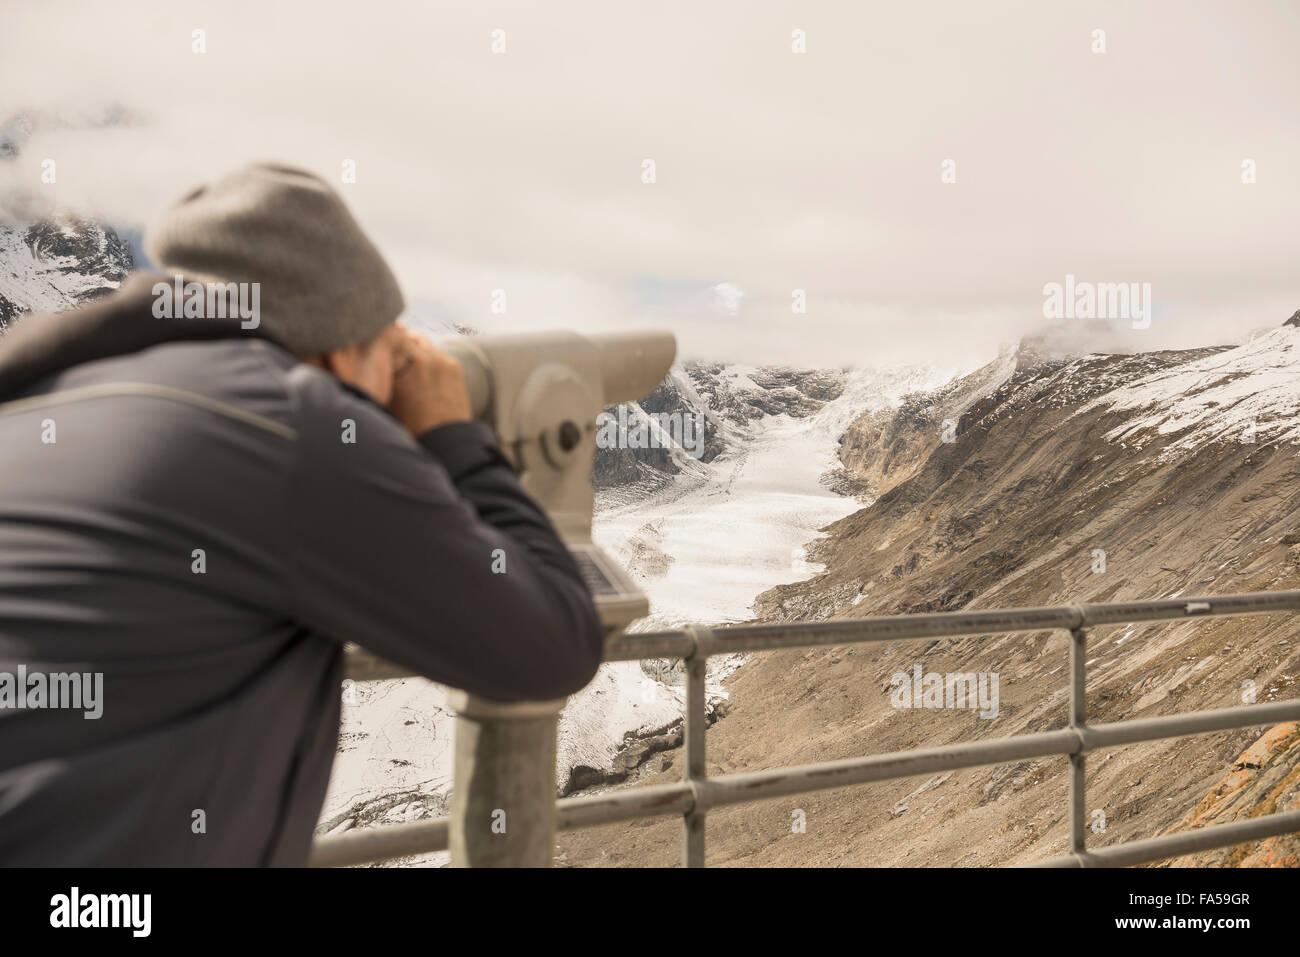 Man looking at view avec télescope, Pasterze glacier, Parc National Hohe Tauern, Carinthie, Autriche Photo Stock